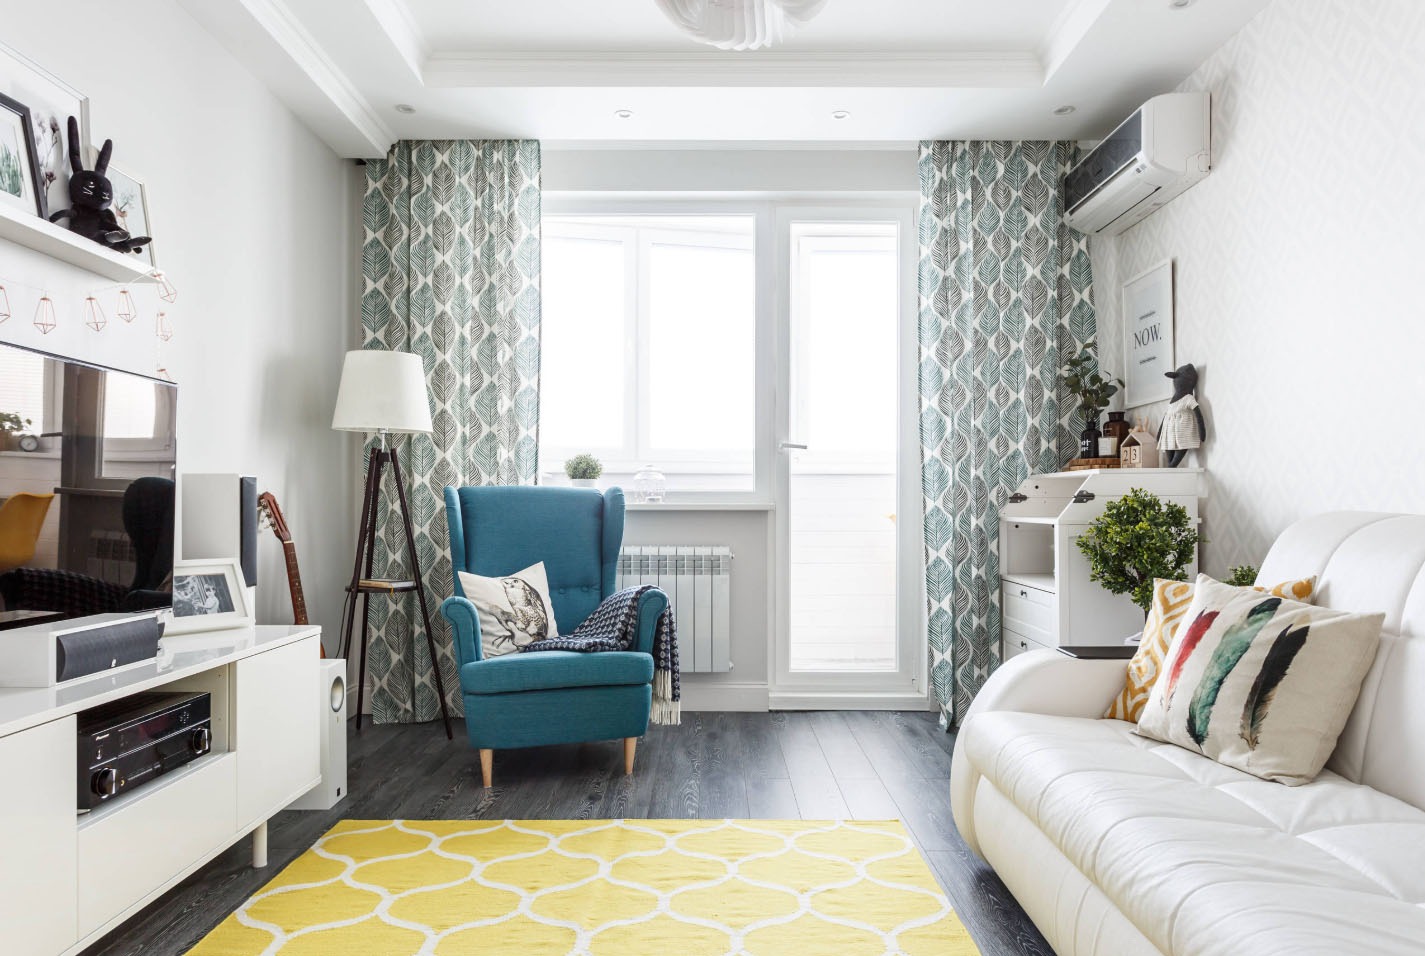 дизайн 2 х комнатной квартиры в панельном доме